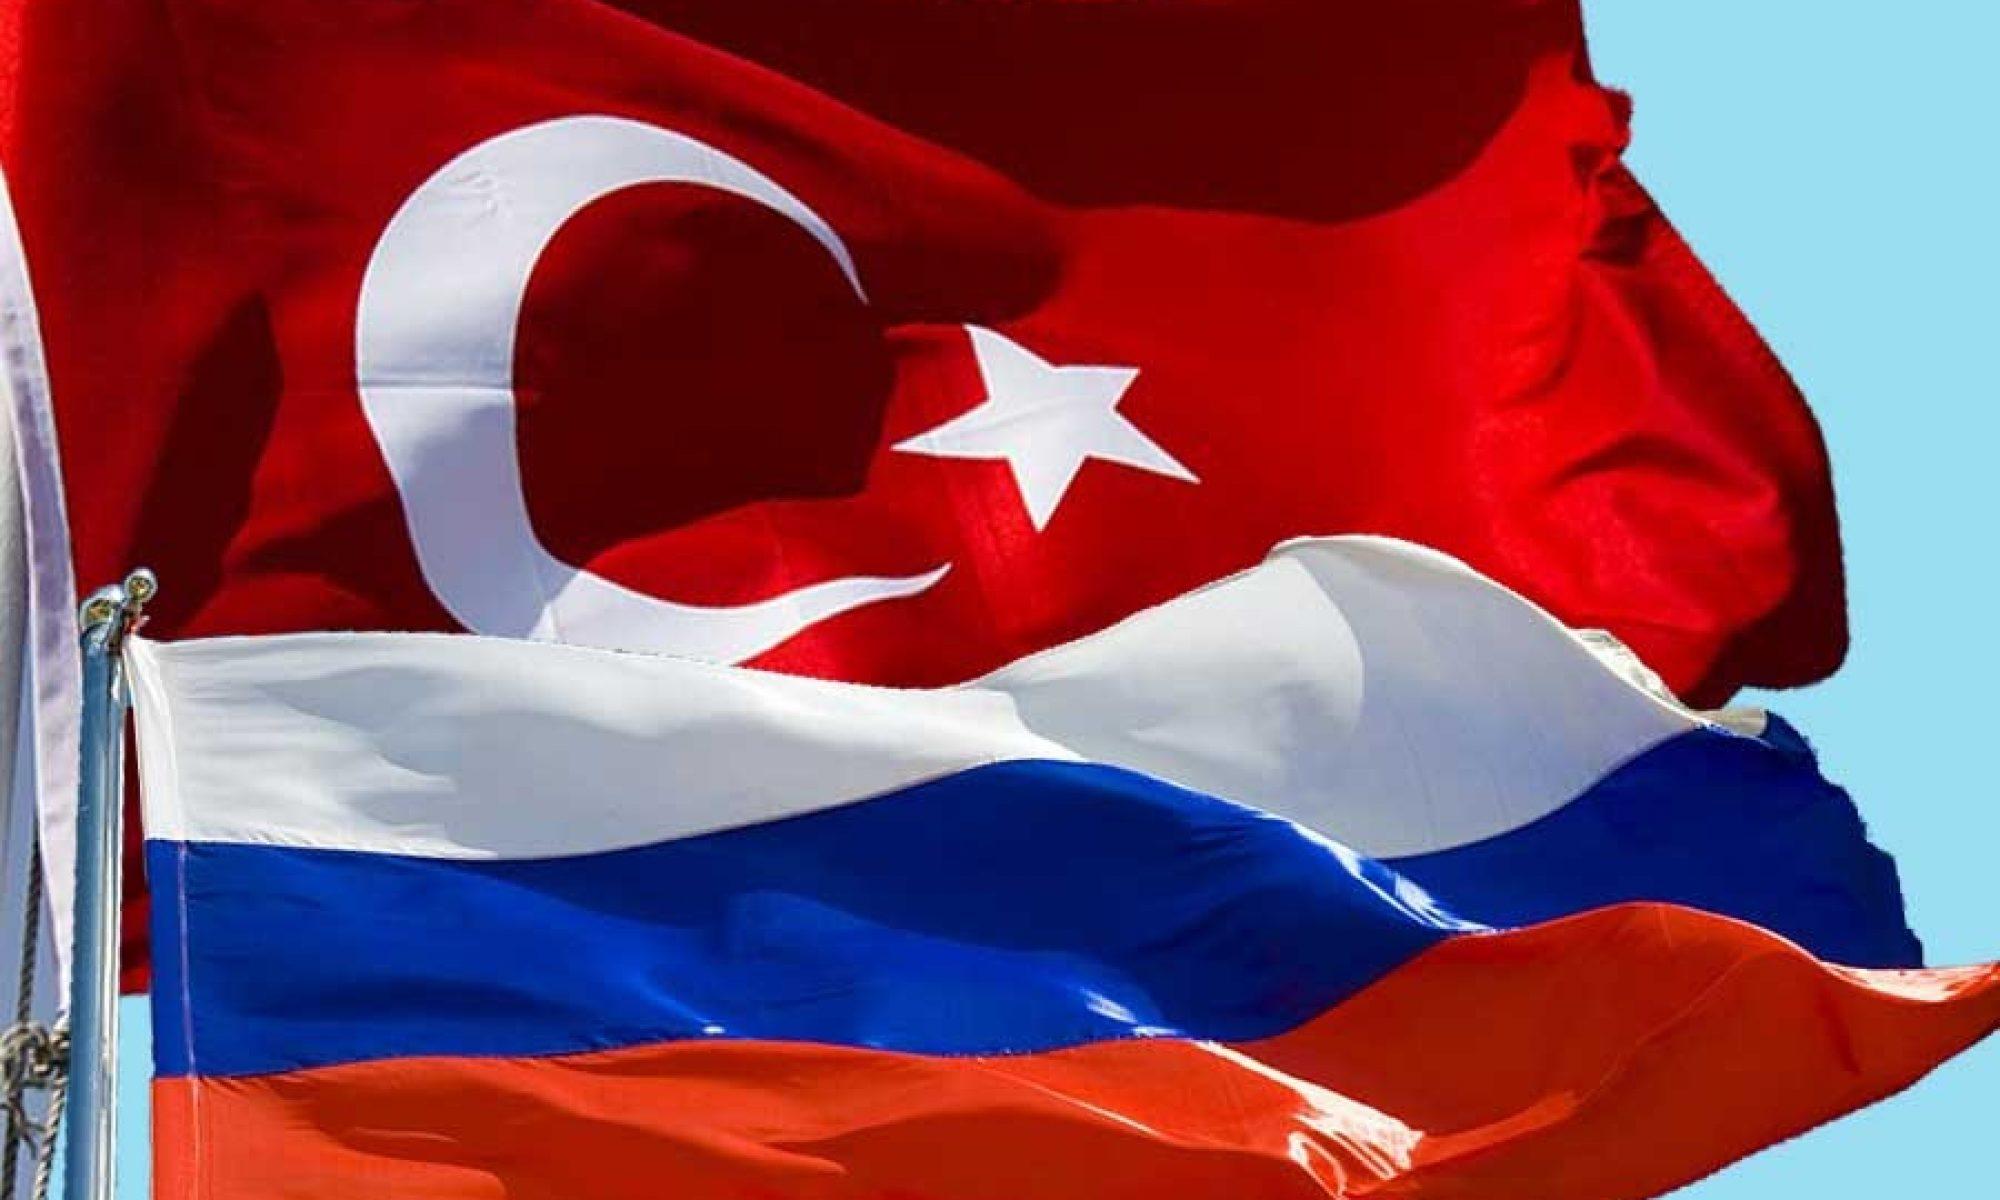 Rusya'dan Türk askerlerinin vurulmasına dair ilk açıklama geldi